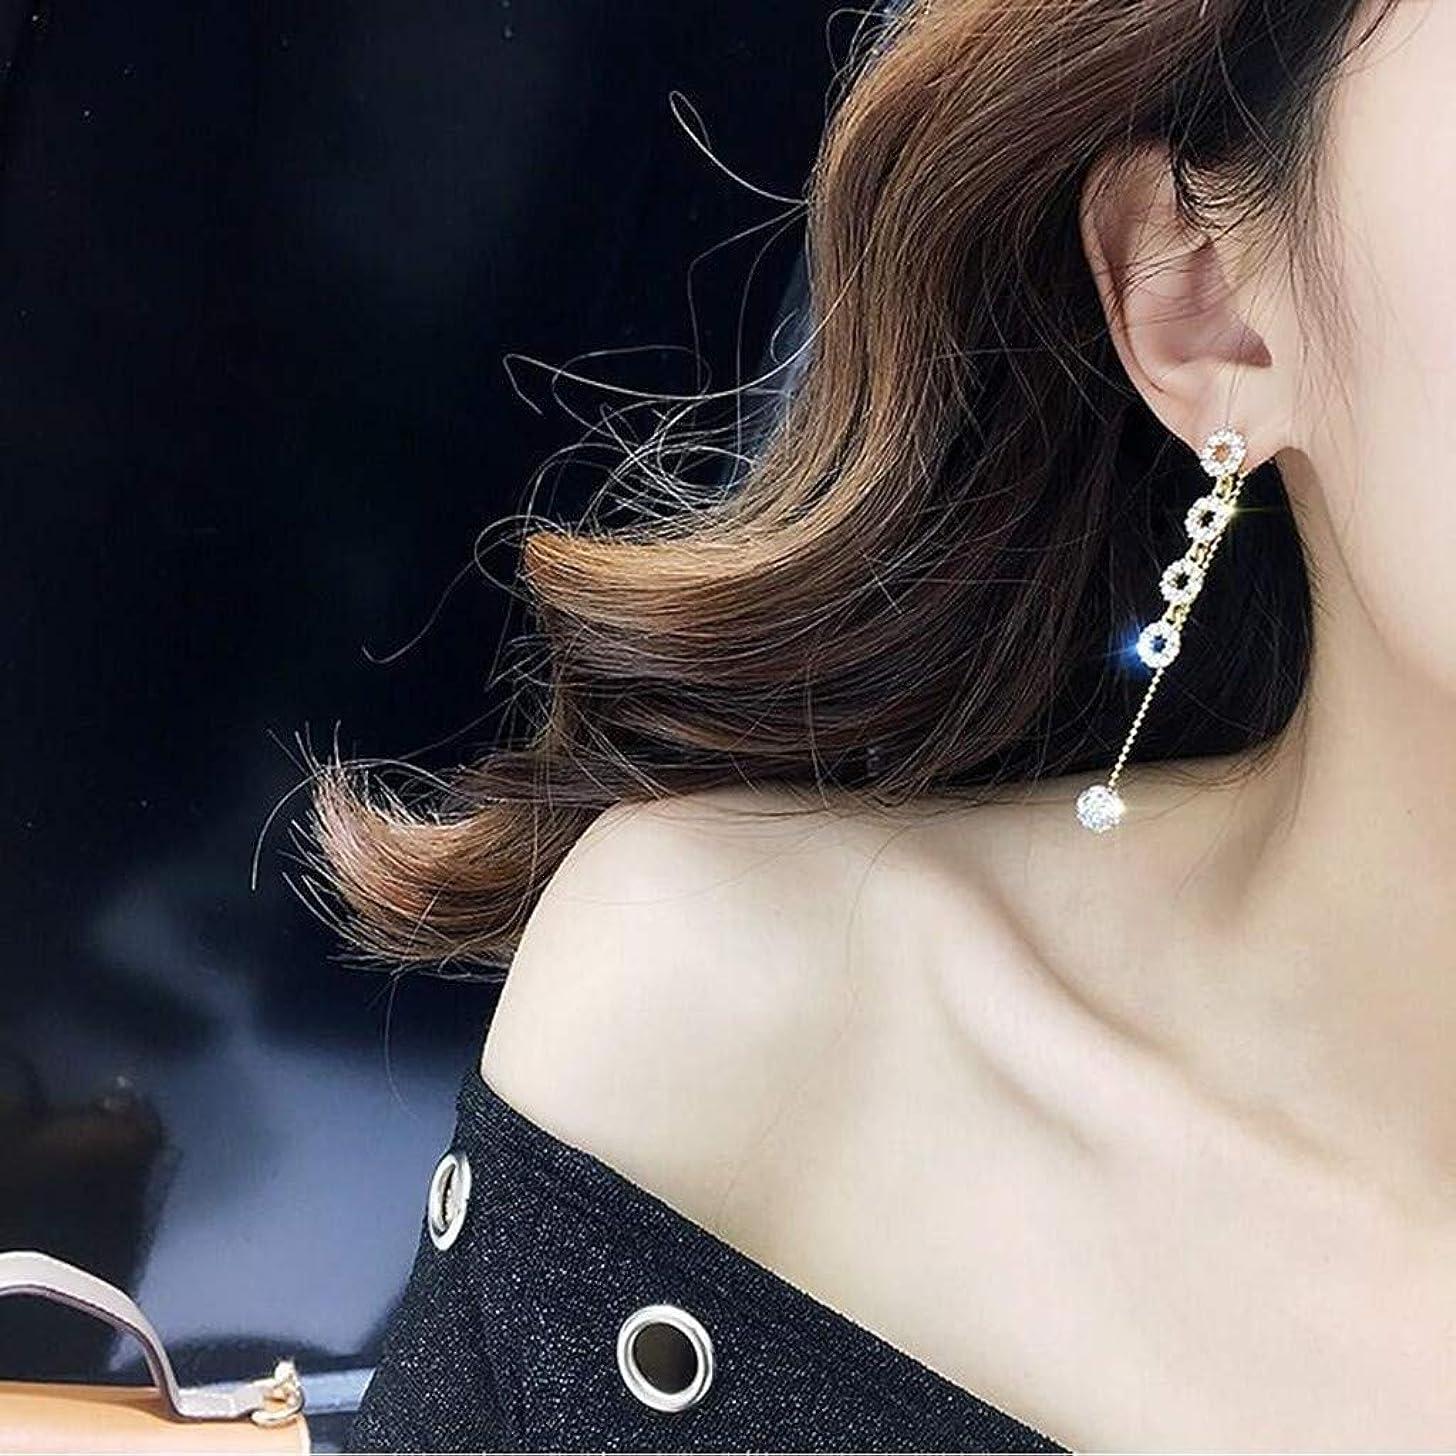 傑出したスナッチチャンバーNicircle ファッションロングタッセルサークルボールタッセルイヤリングジュエリー ファッション トレンド 長いセクション サークル タッセル ラインストーン 分離可能 イヤリングジュエリー Fashion Long Tassel Circle Ball Tassel Earrings Jewelry